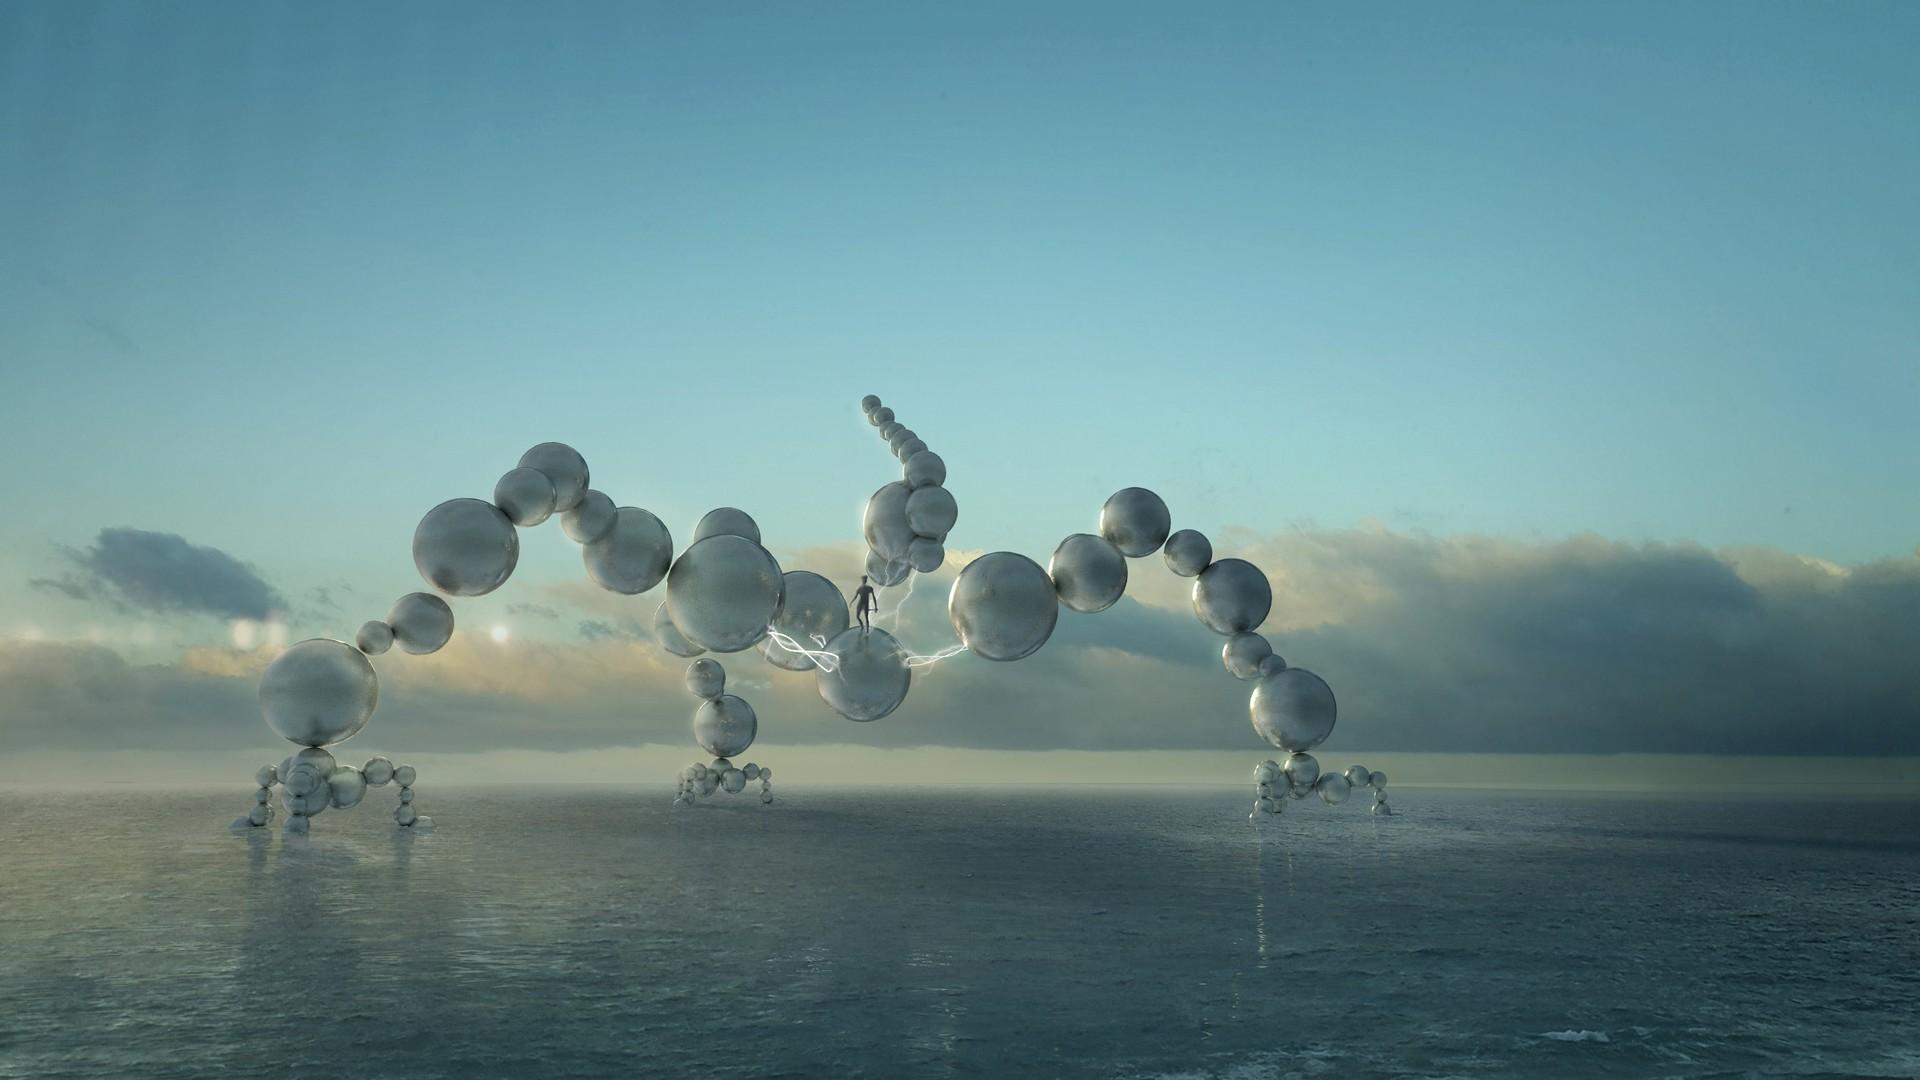 Wai kin lam av spheresrobot